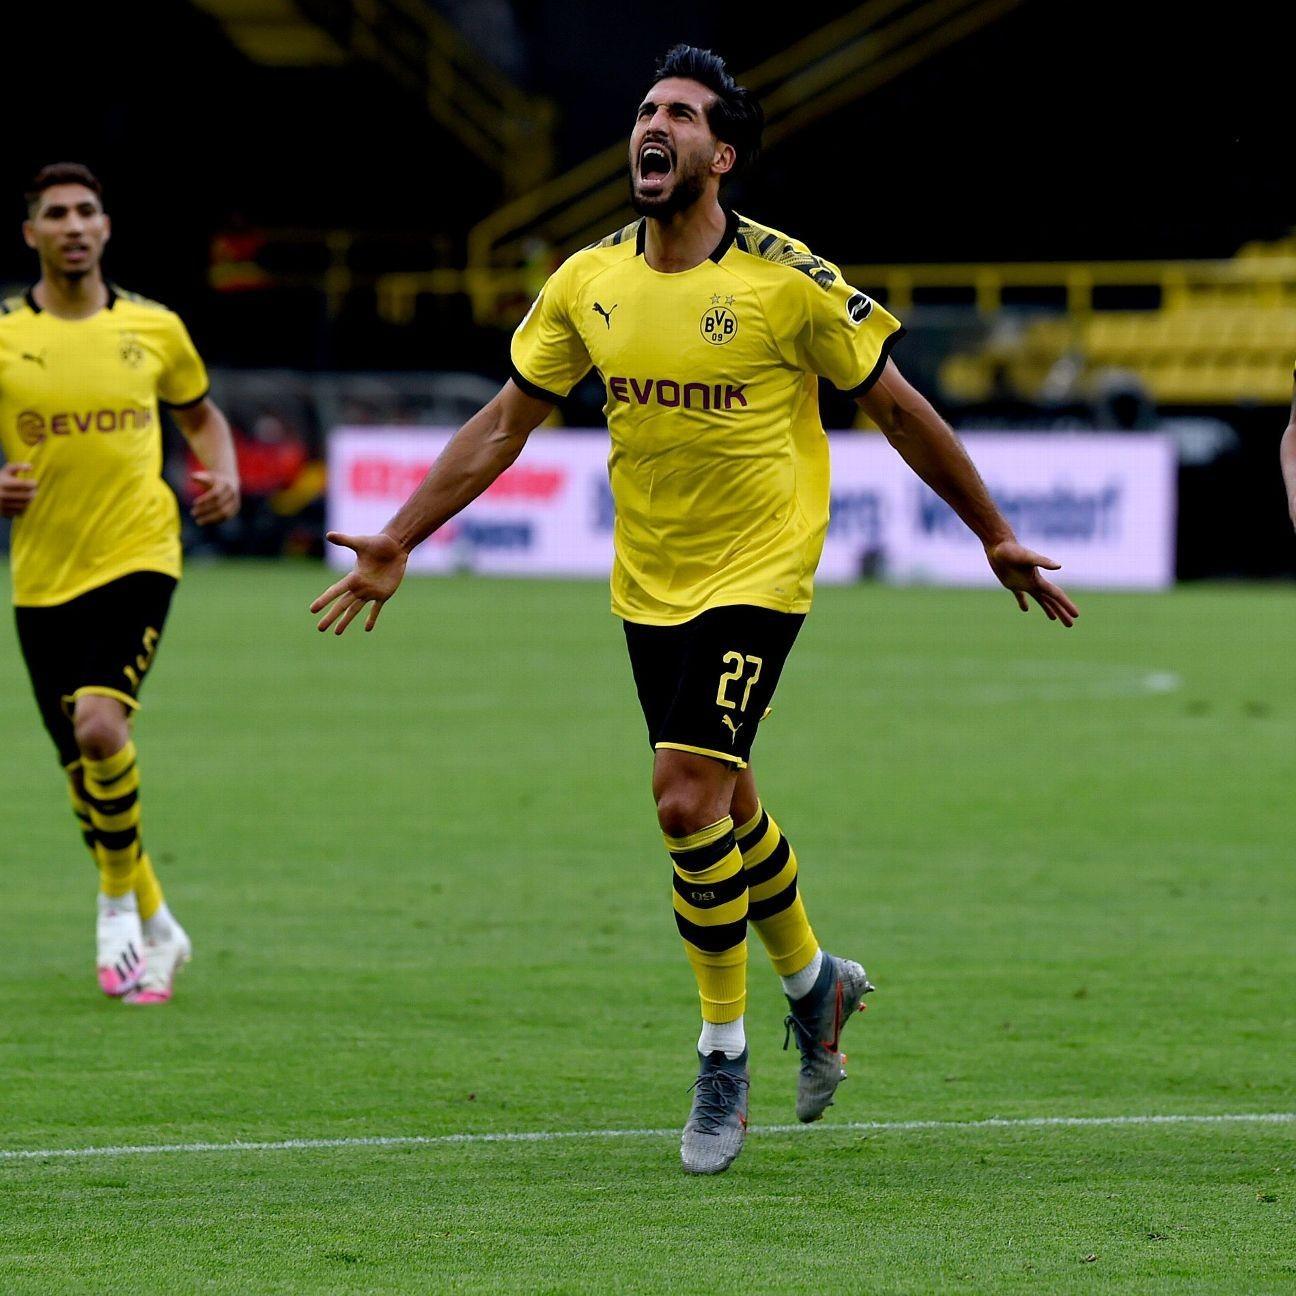 Borussia Dortmund beat Hertha Berlin to keep pace with Bayern Munich